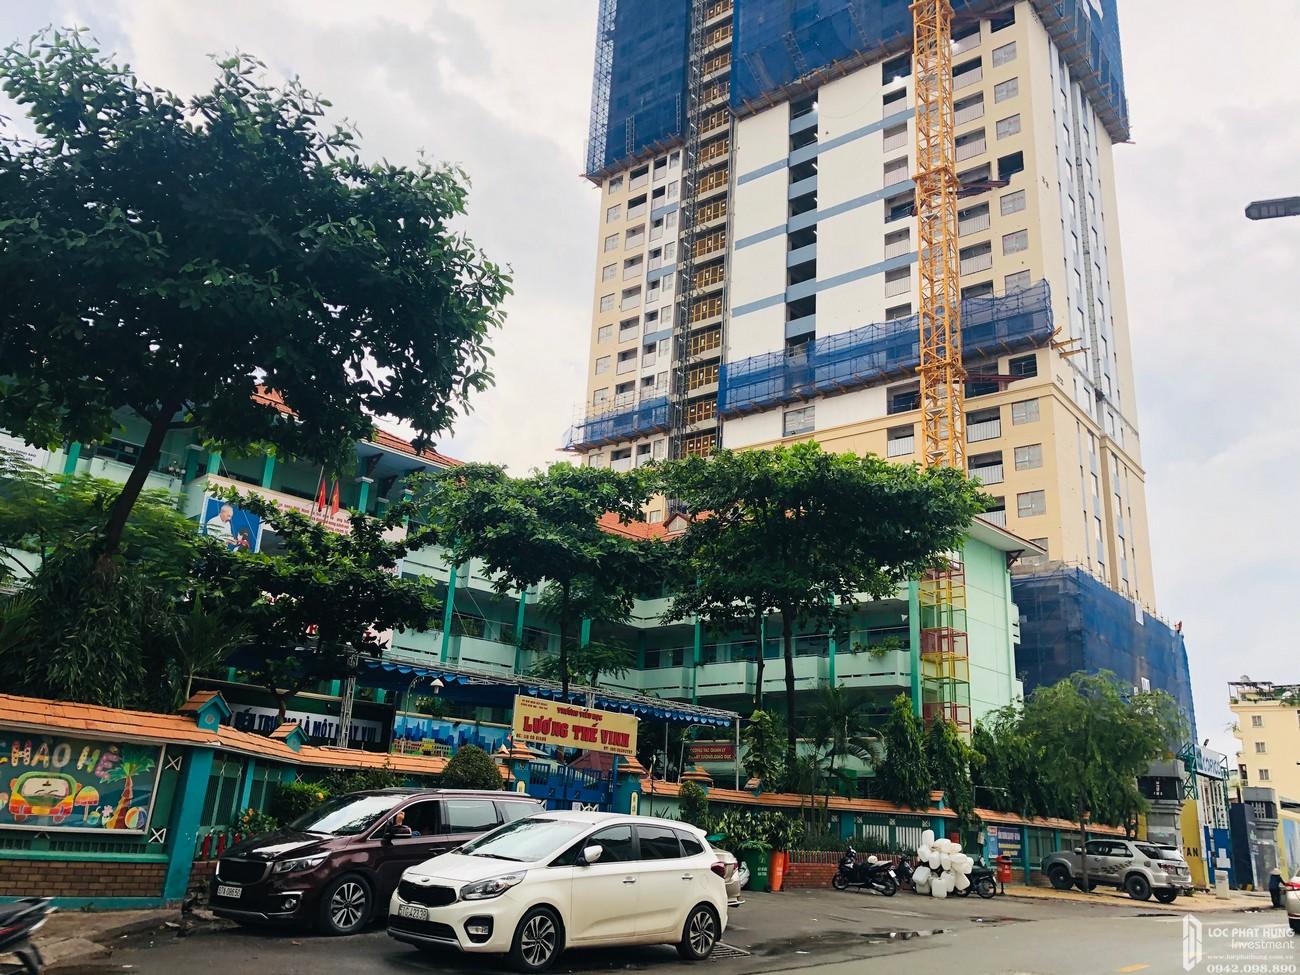 Tiến độ dự án căn hộ chung cư Soho Residence Quận 1 chủ đầu tư Novaland - cập nhật ngày 24/08/2020